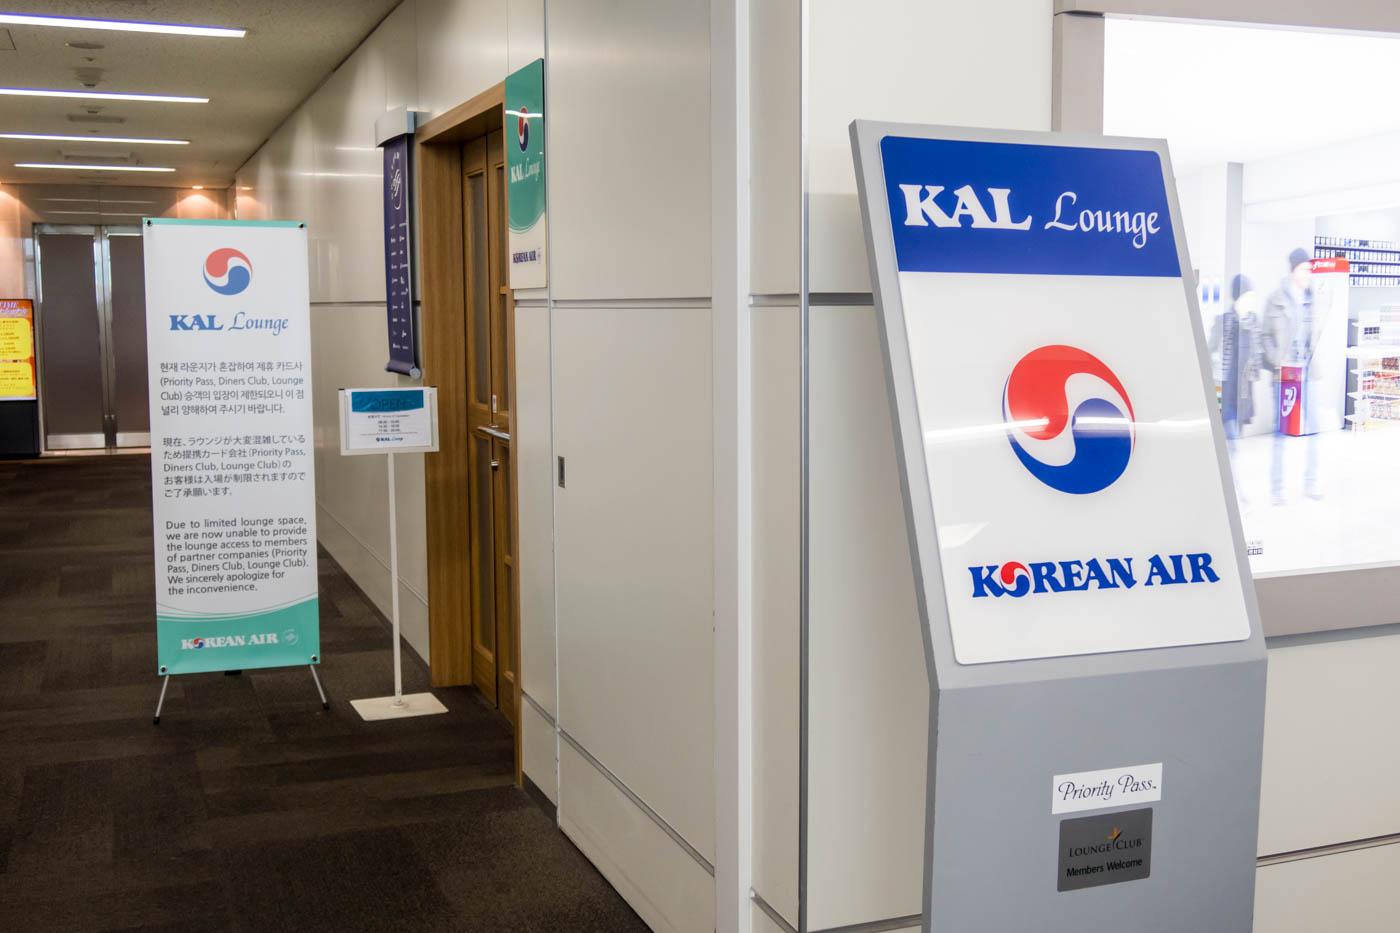 KAL Lounge Fukuoka Entrance